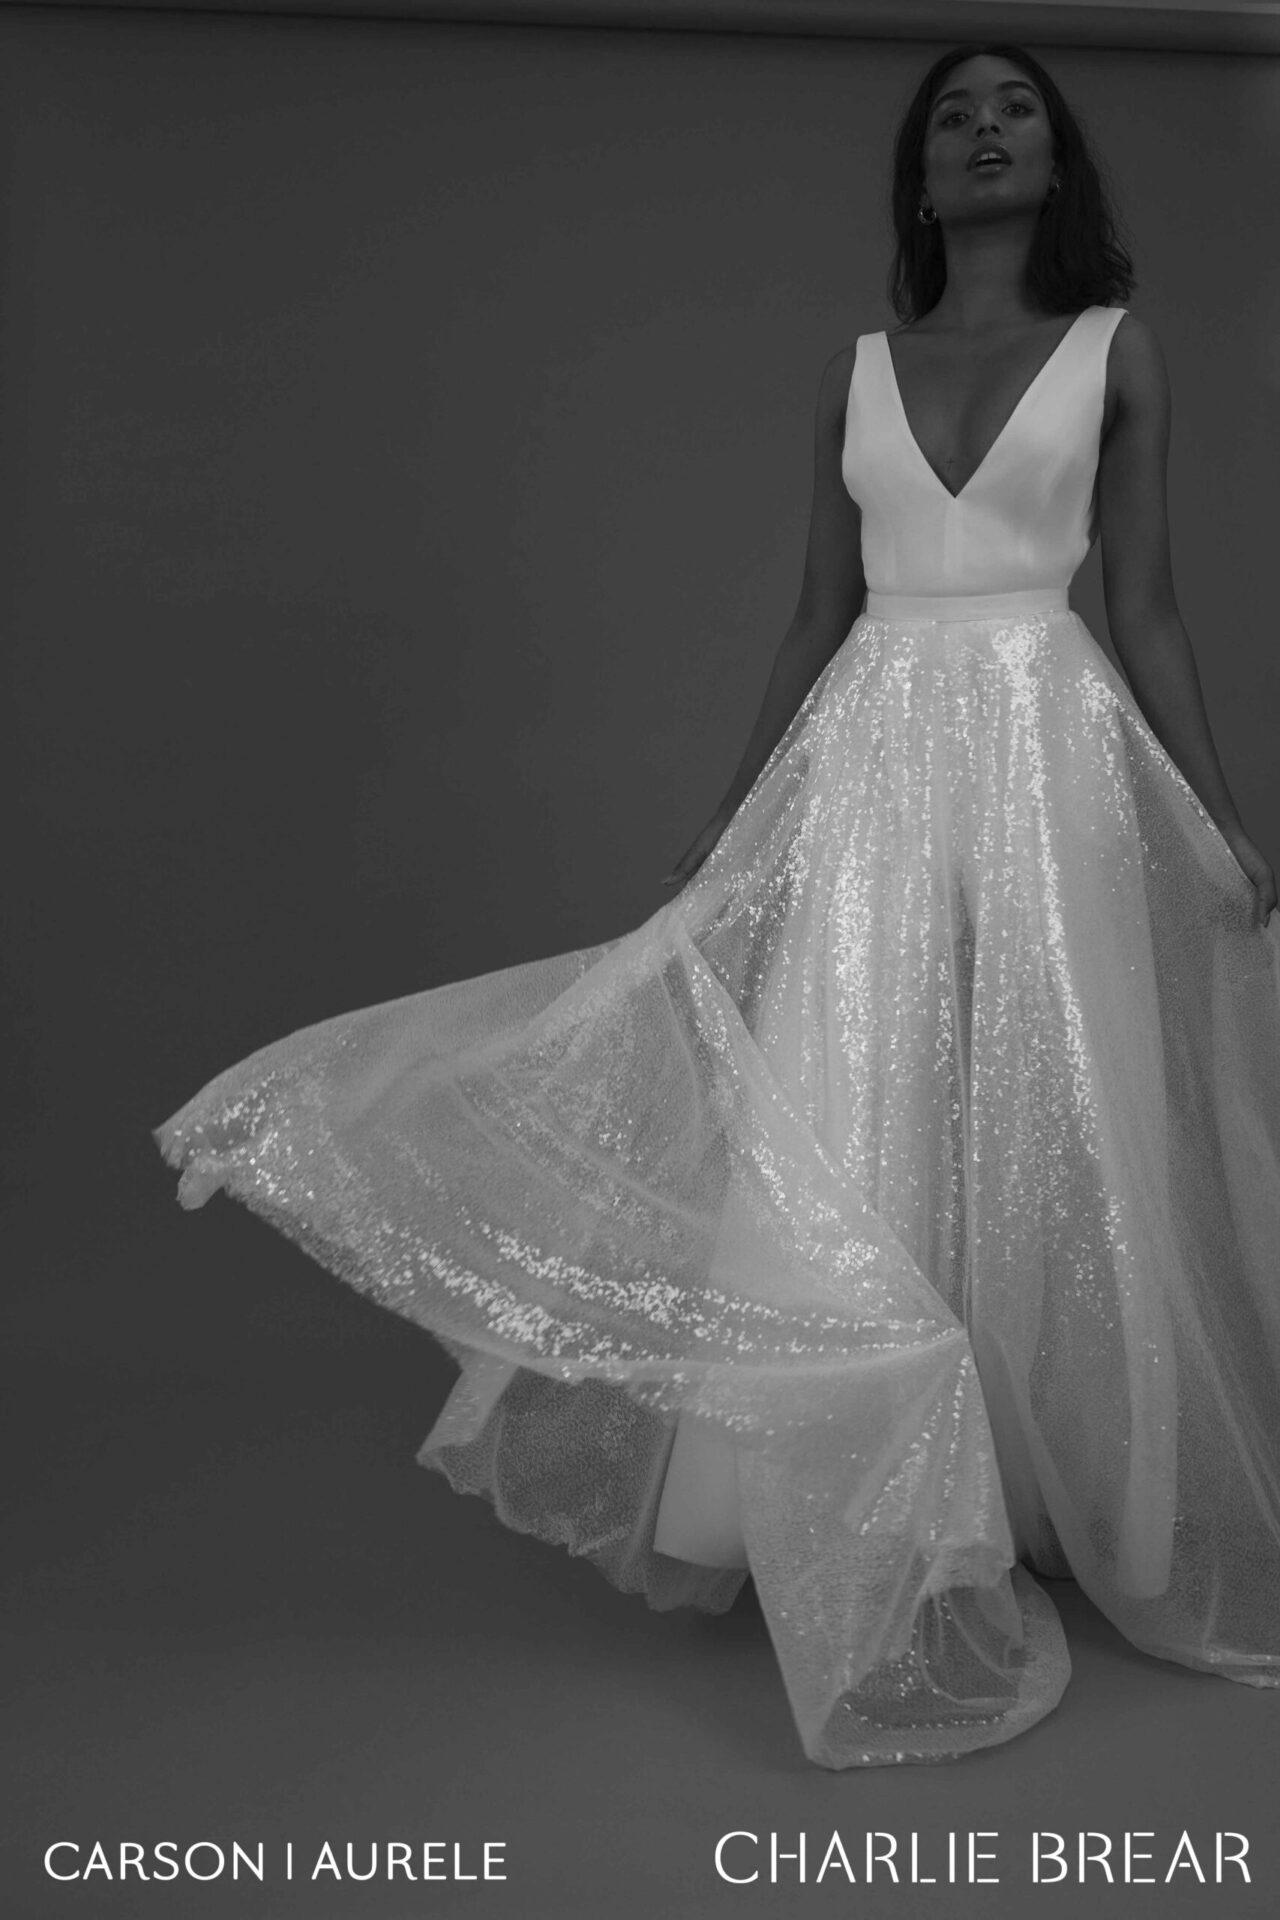 Charlie Brear Carson Jumpsuit Aurele Skirt by White Concepts